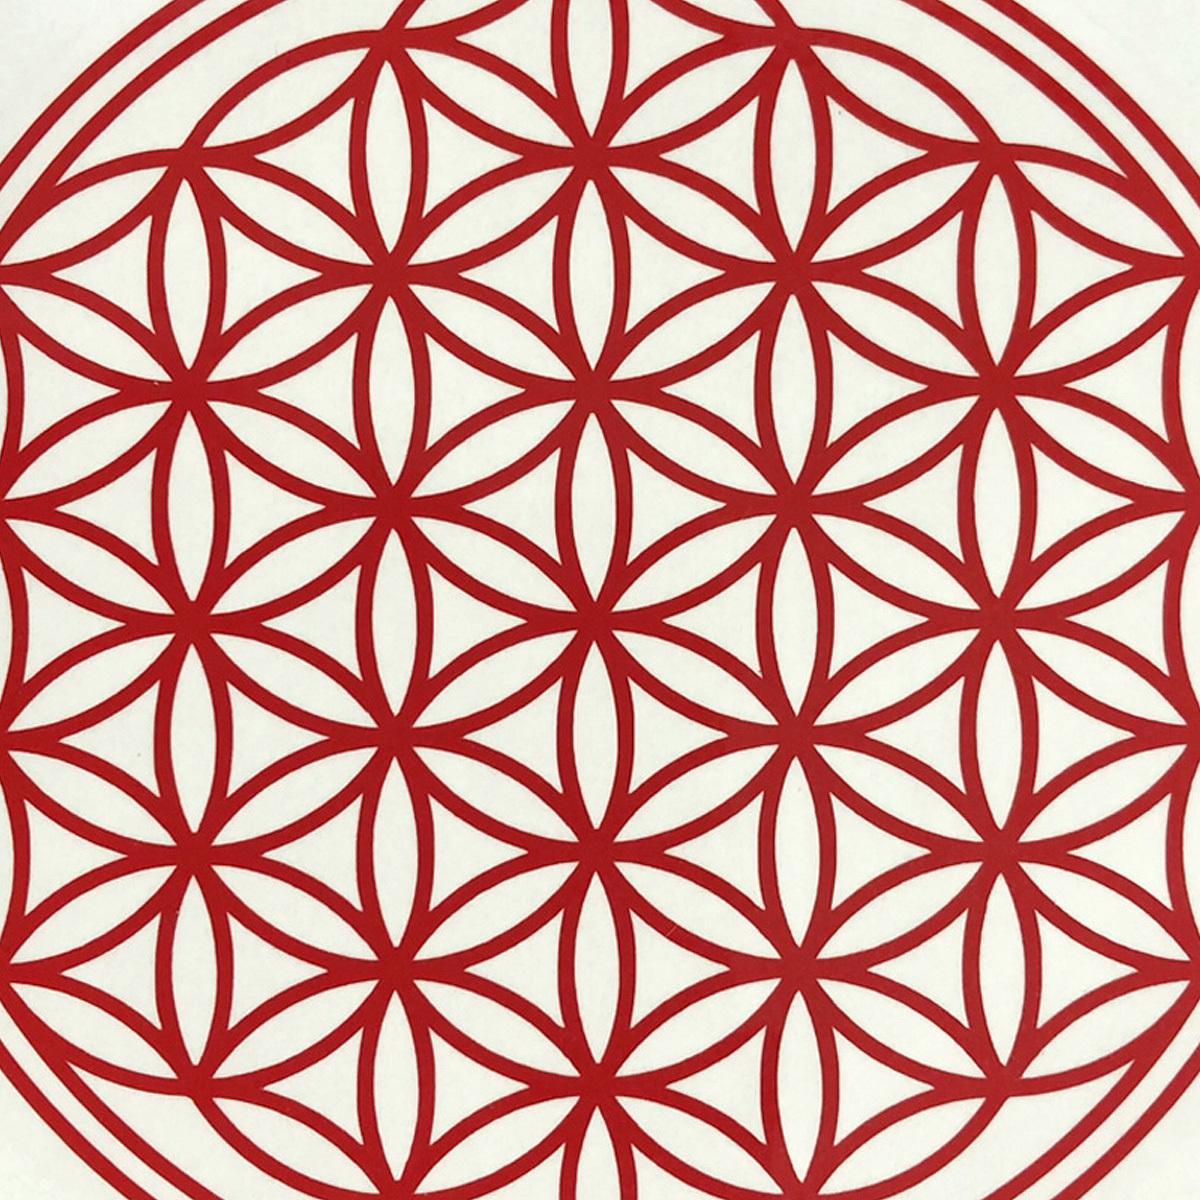 ●フラワーオブライフ 幾何学模様 「生命の花」運気向上 開運ステッカー 10色から選べる 701_画像4